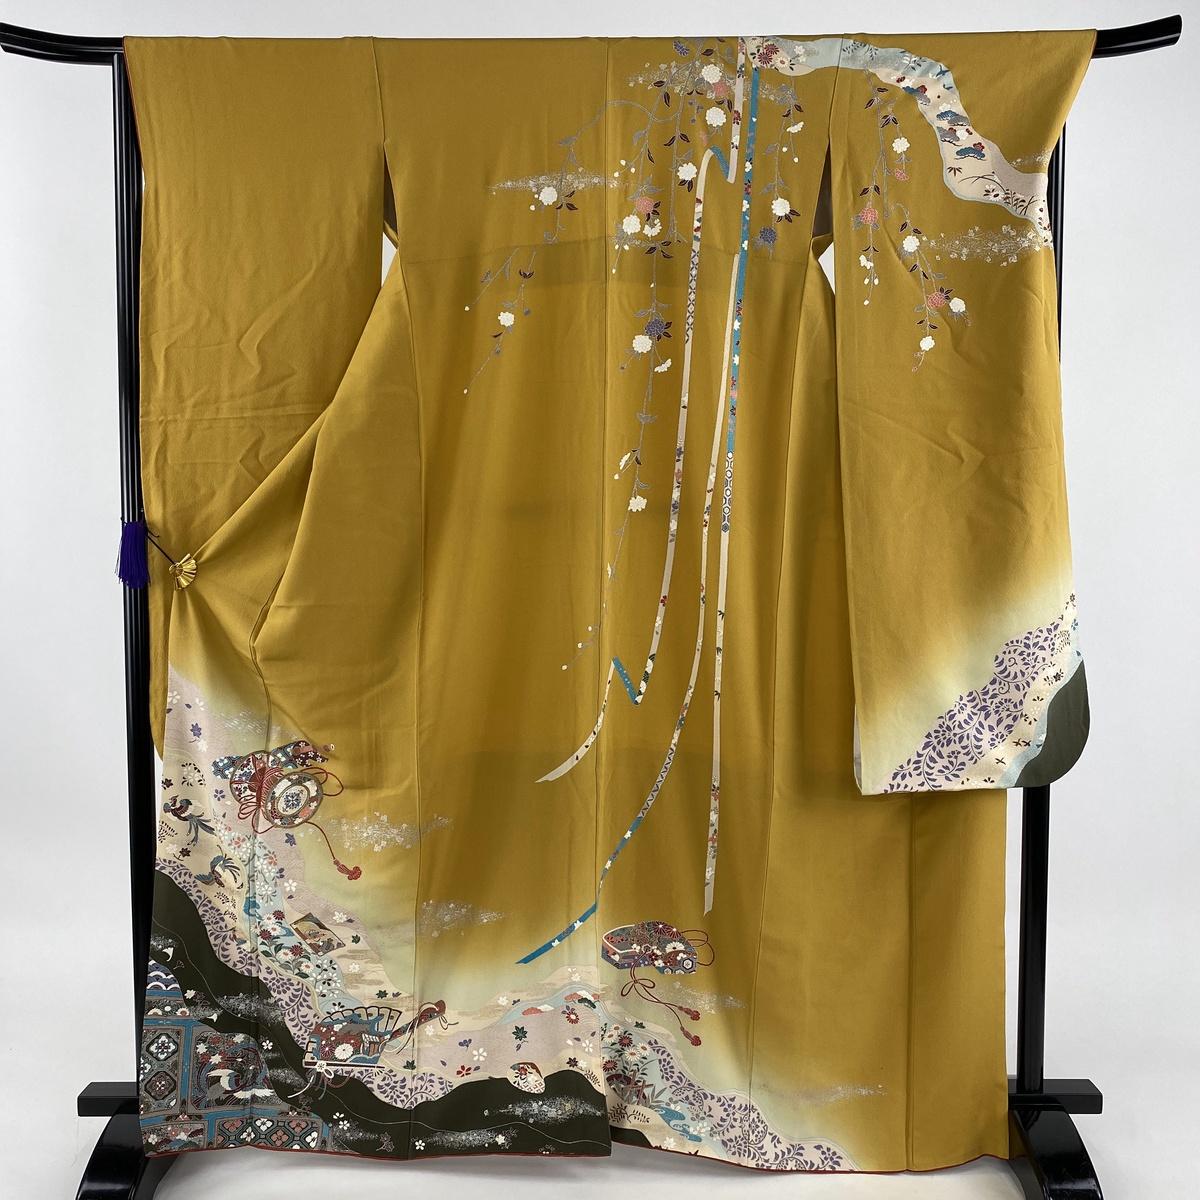 振袖 美品 秀品 和楽器 檜扇 金銀彩 からし色 袷 身丈167cm 裄丈67cm M 正絹 【中古】